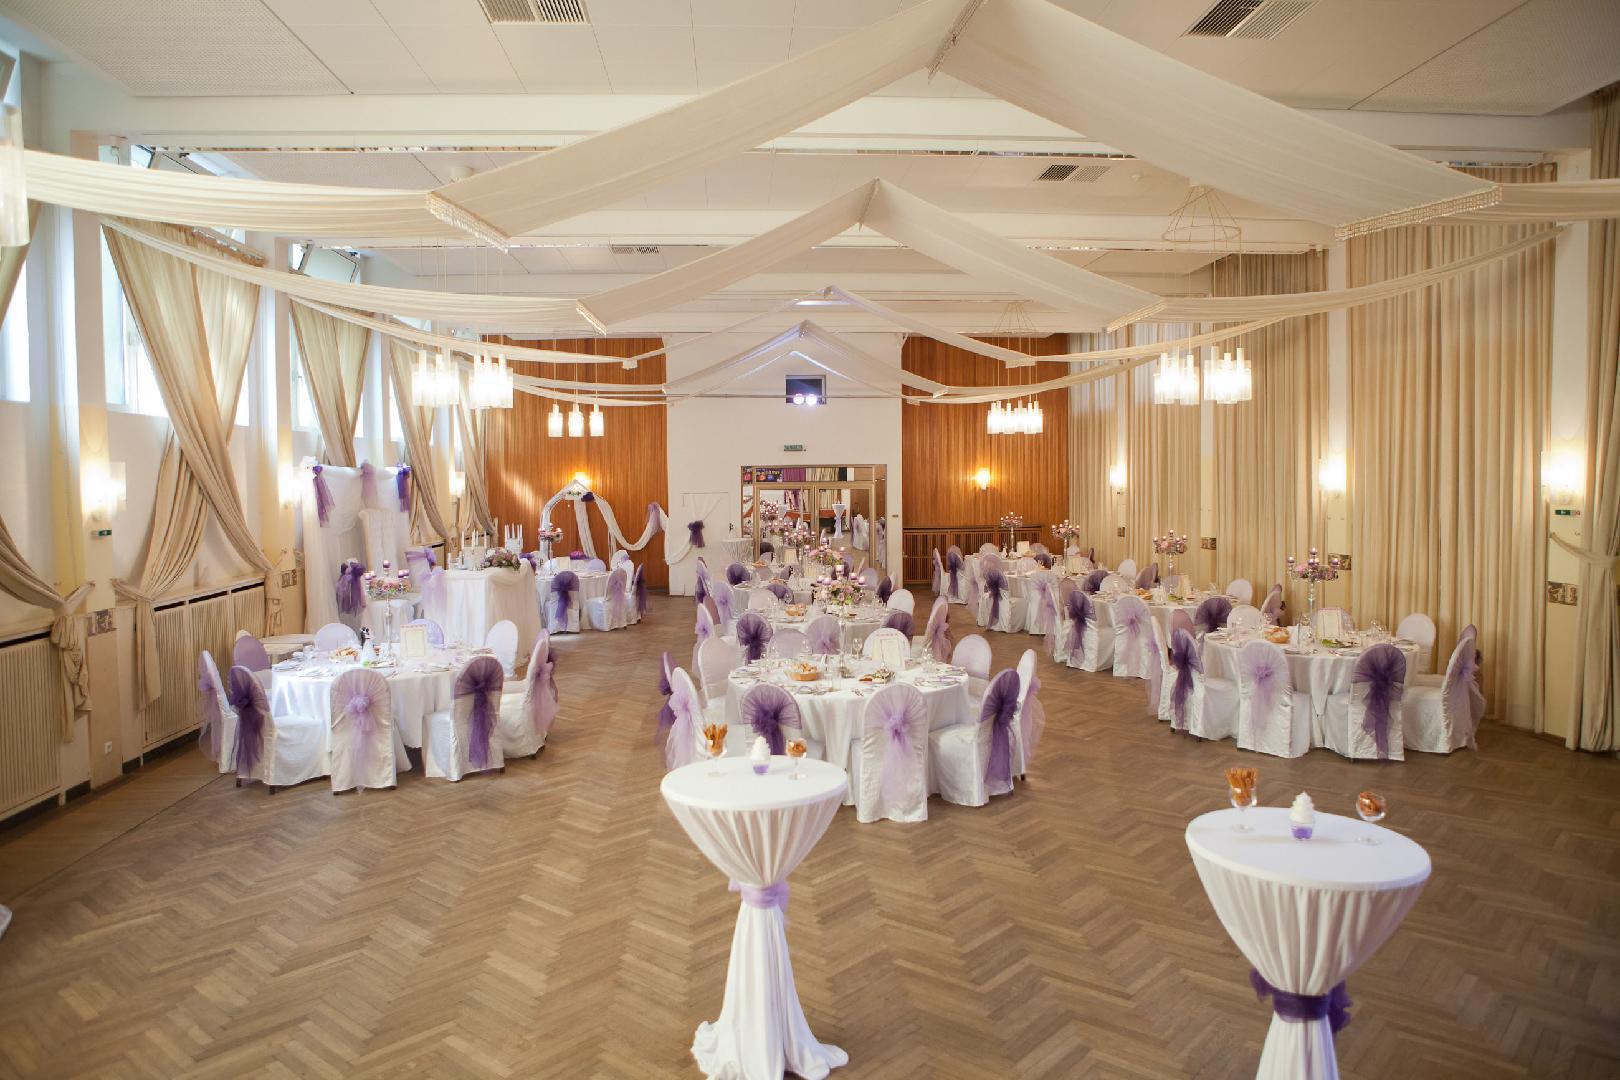 Hochzeitslocation bielefeld